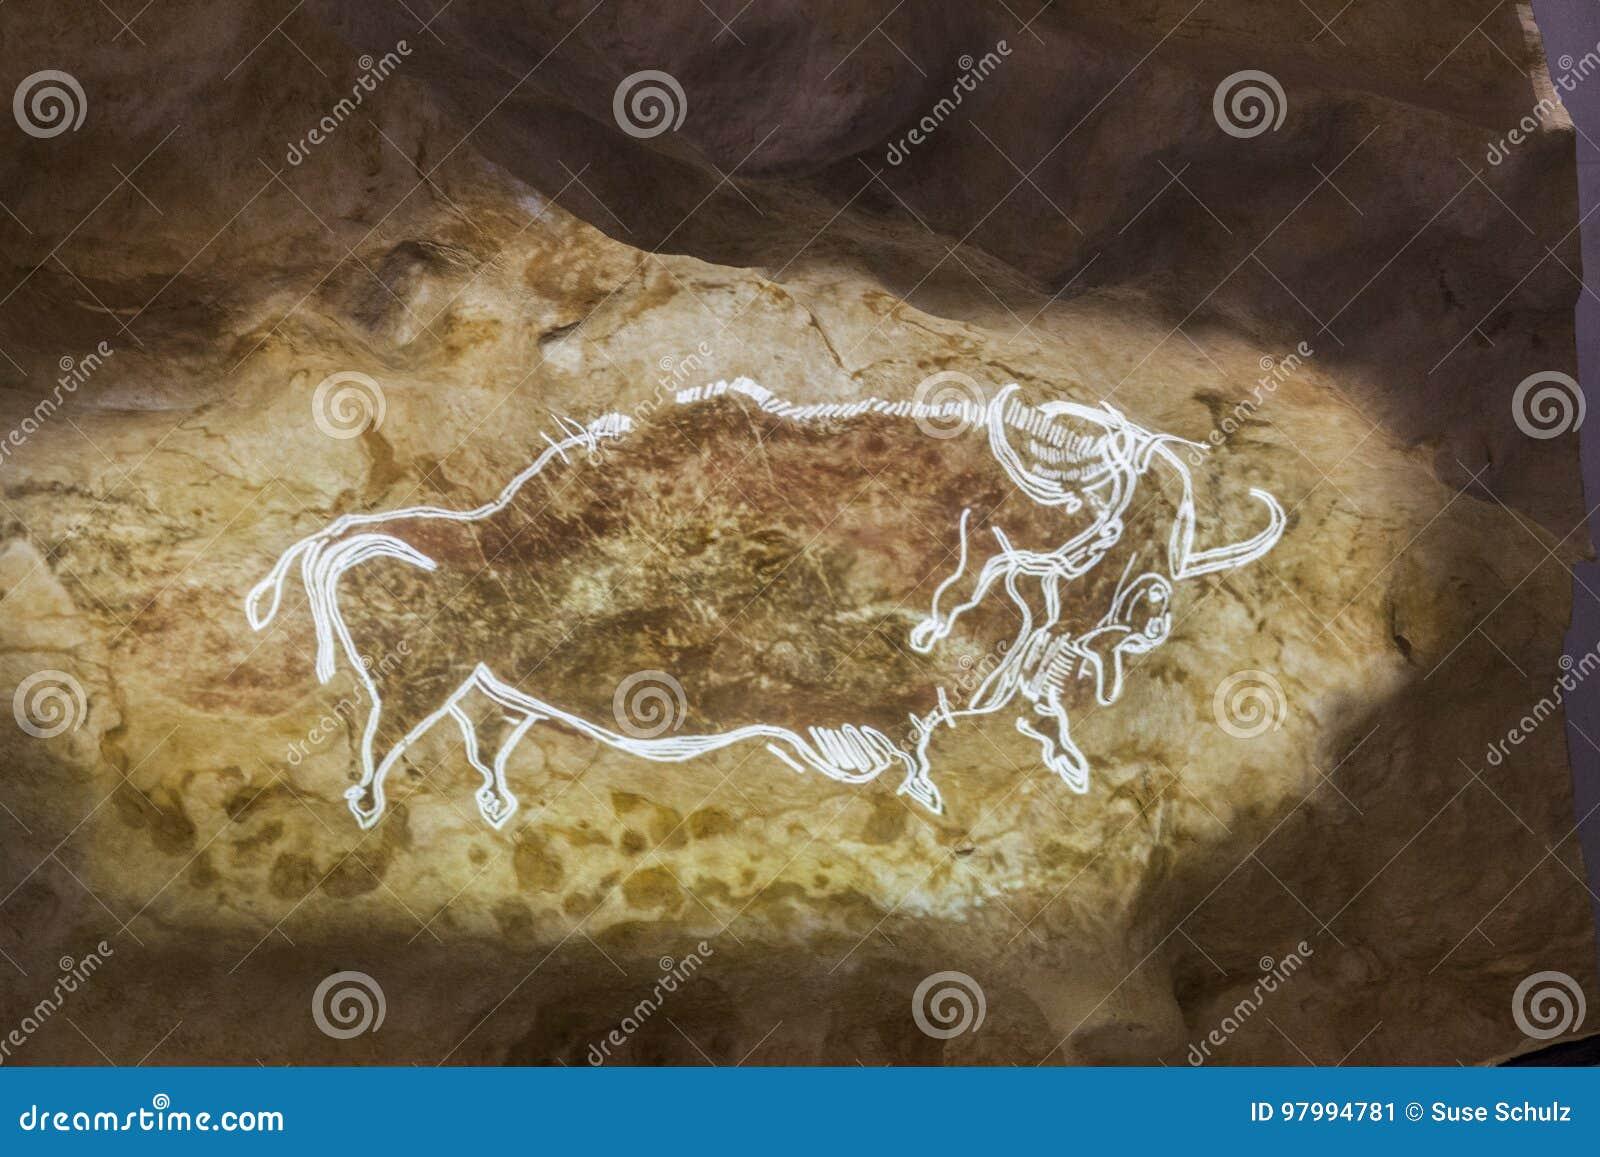 Lascaux France cave painting